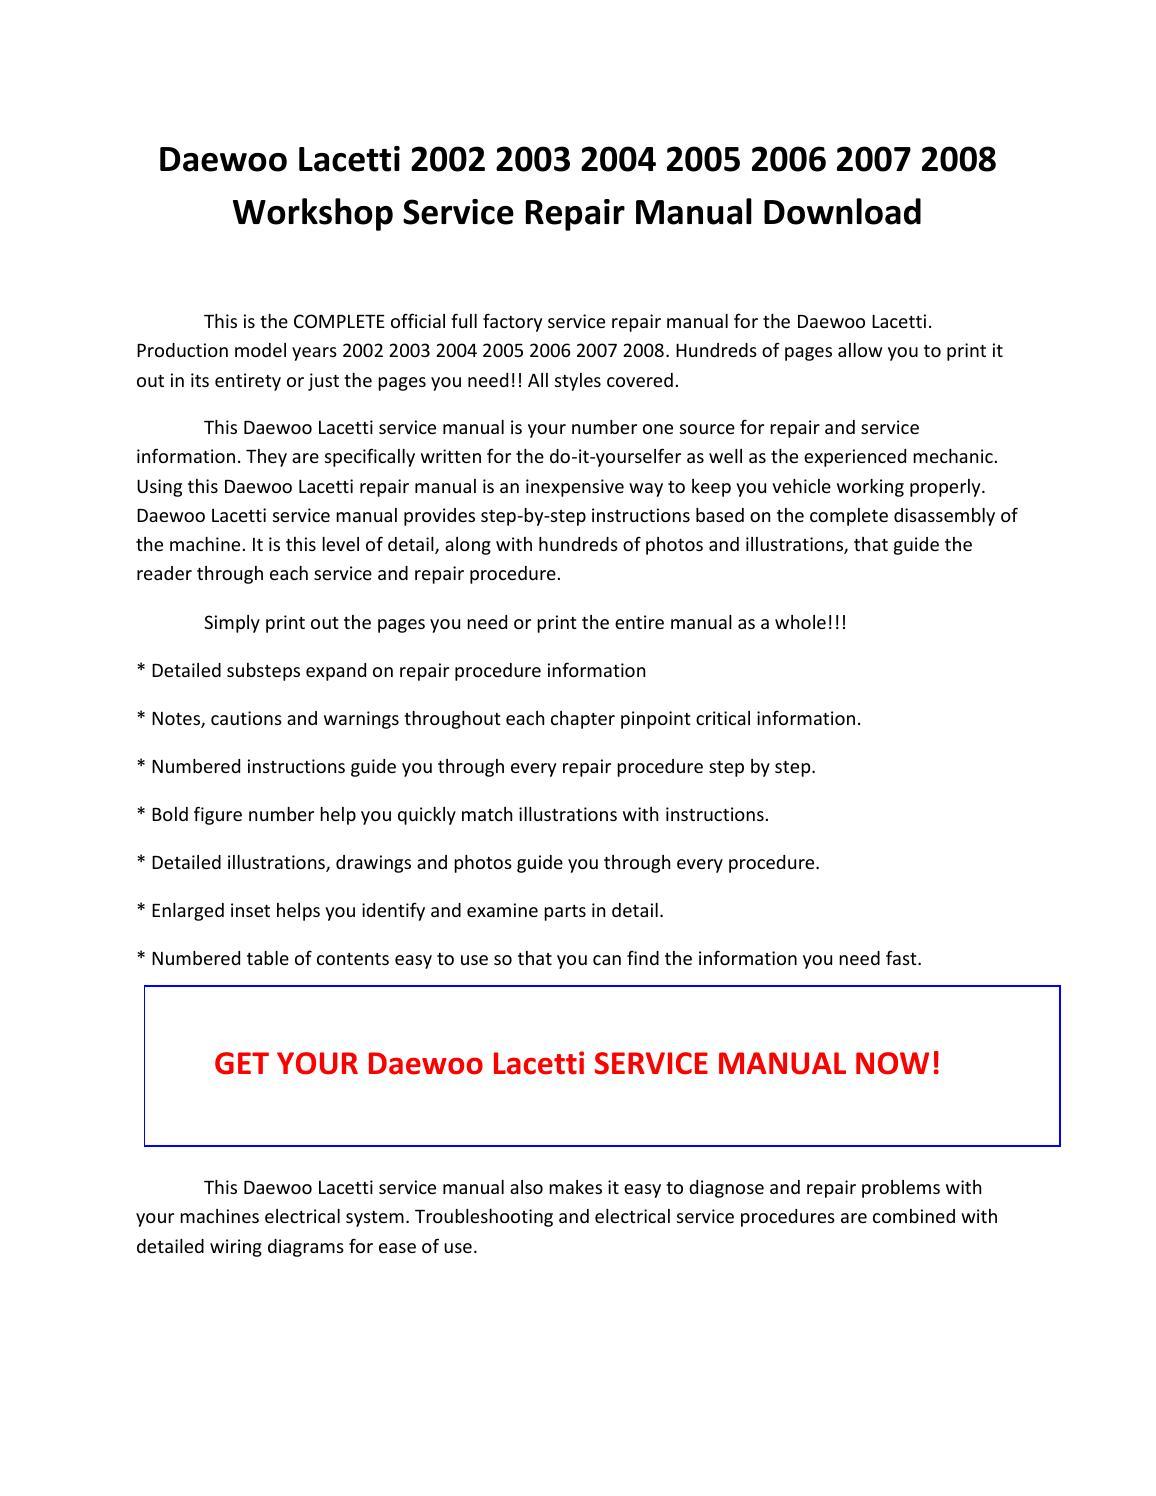 daewoo lacetti service manual pdf